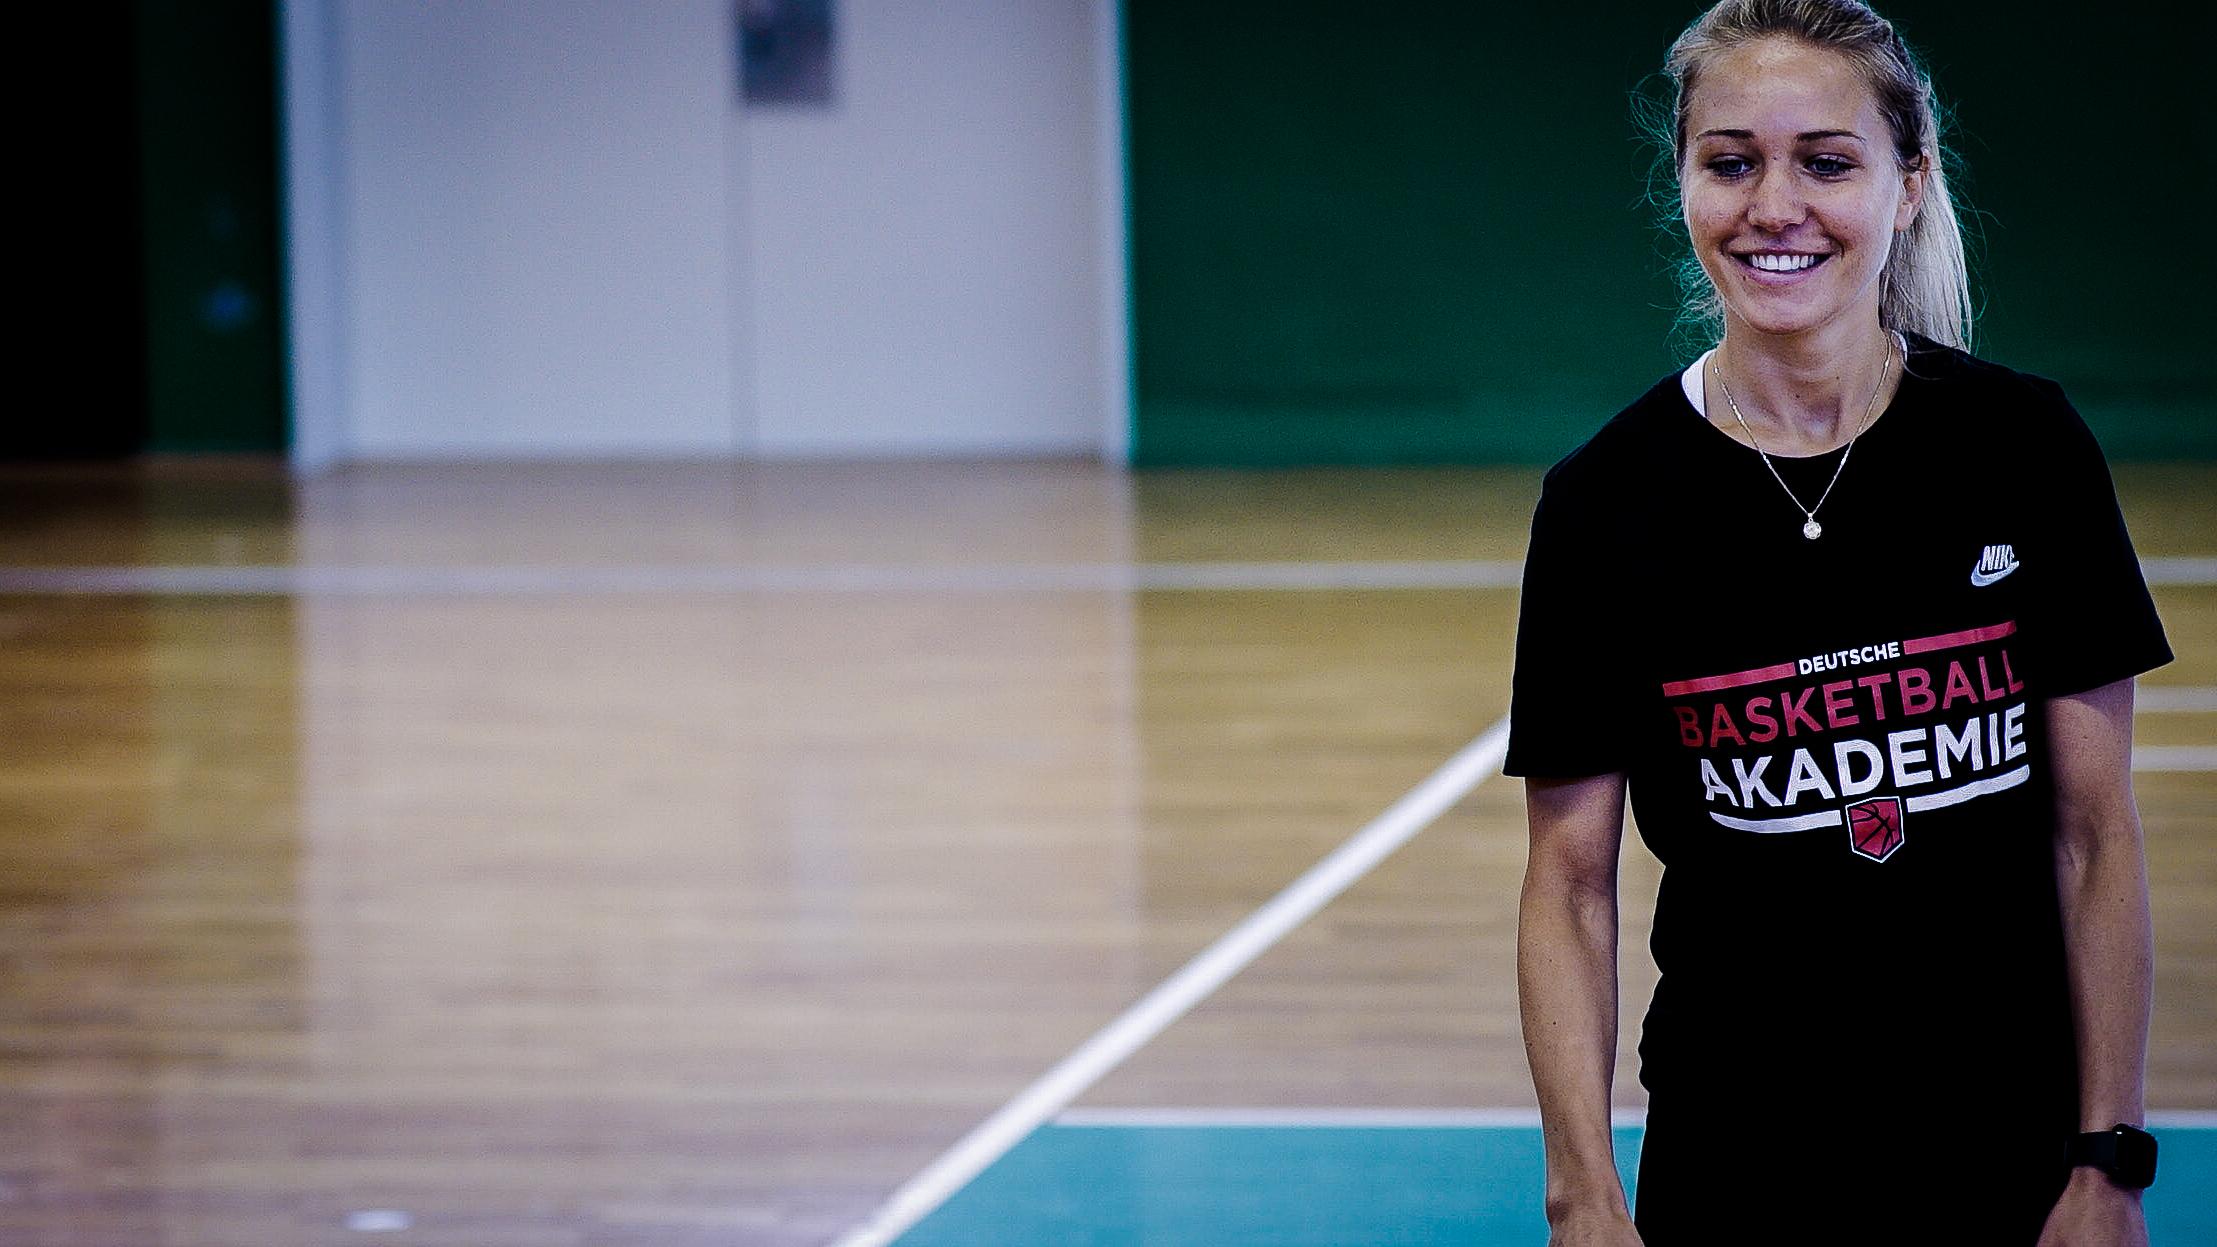 LENA BRADARIC - Geschäftsführende Gesellschafterin der DBA. Lena ist ehemalige Profispielerin der 1. Damen Basketball Bundesliga, sowie der A-Damen National-Mannschafts für Deutschland. Jetzt arbeitet Lena als Coach und CEO für die DBA.Email Lena